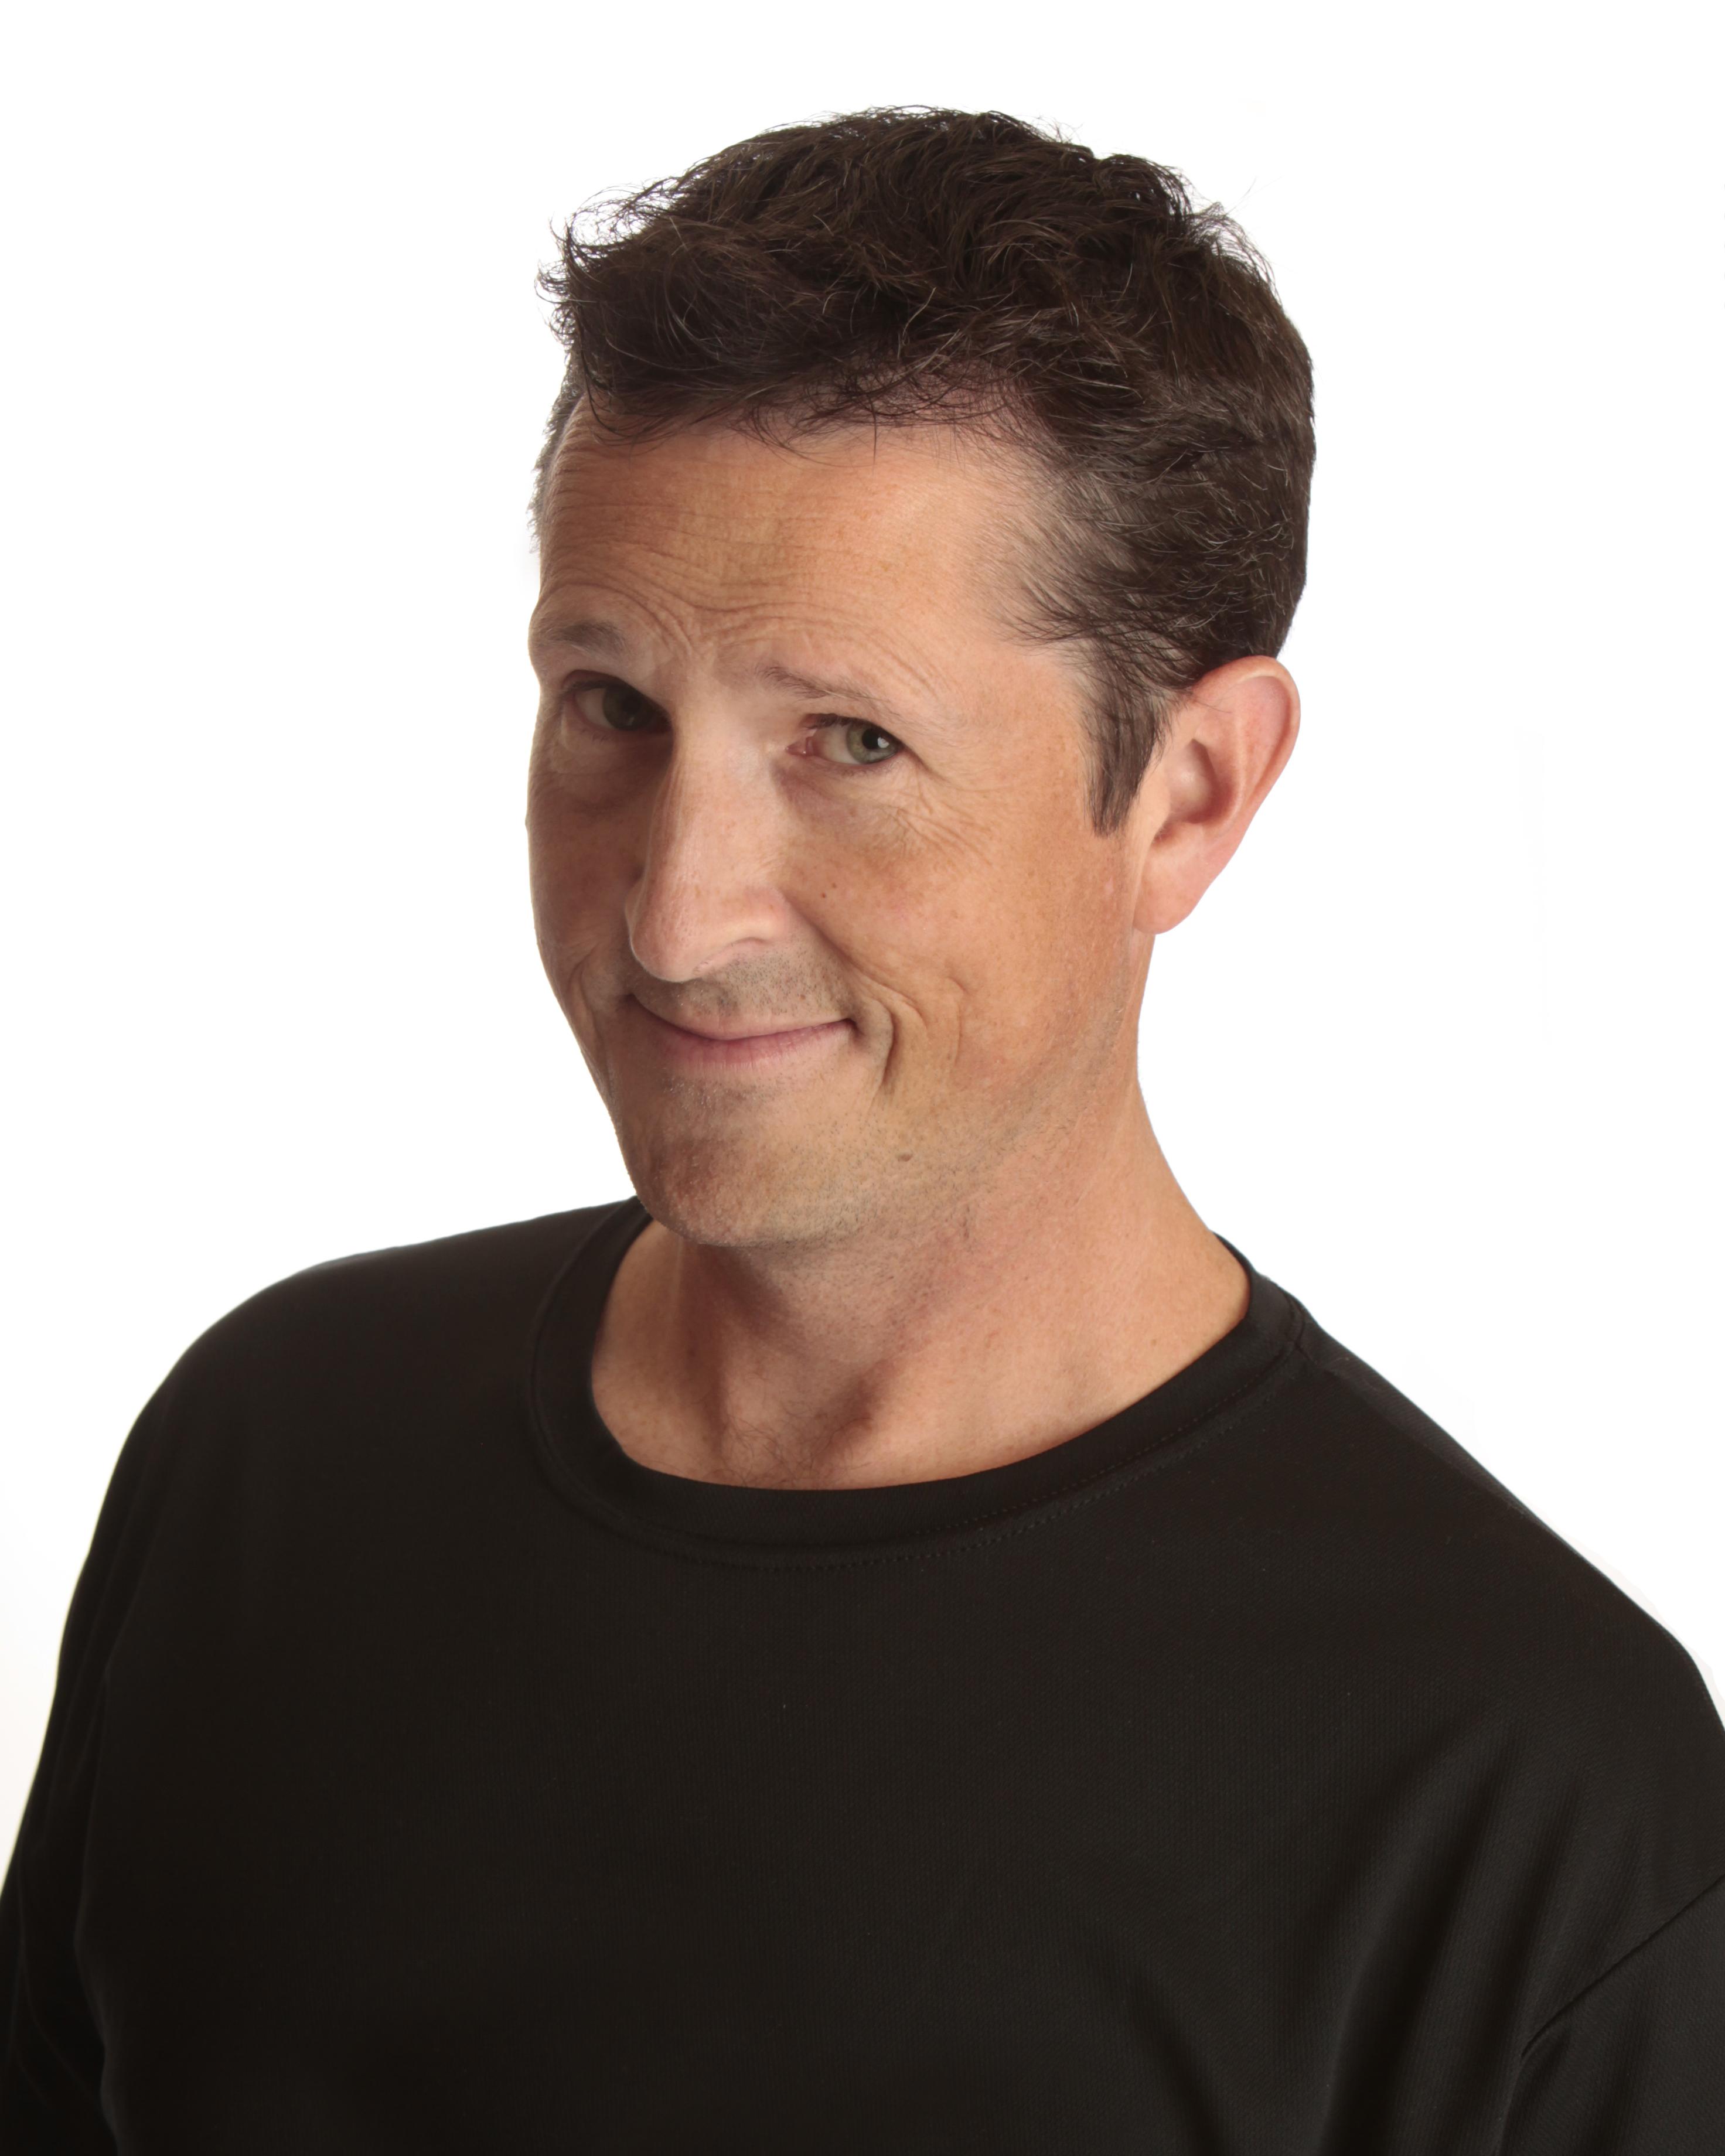 Jon Petz